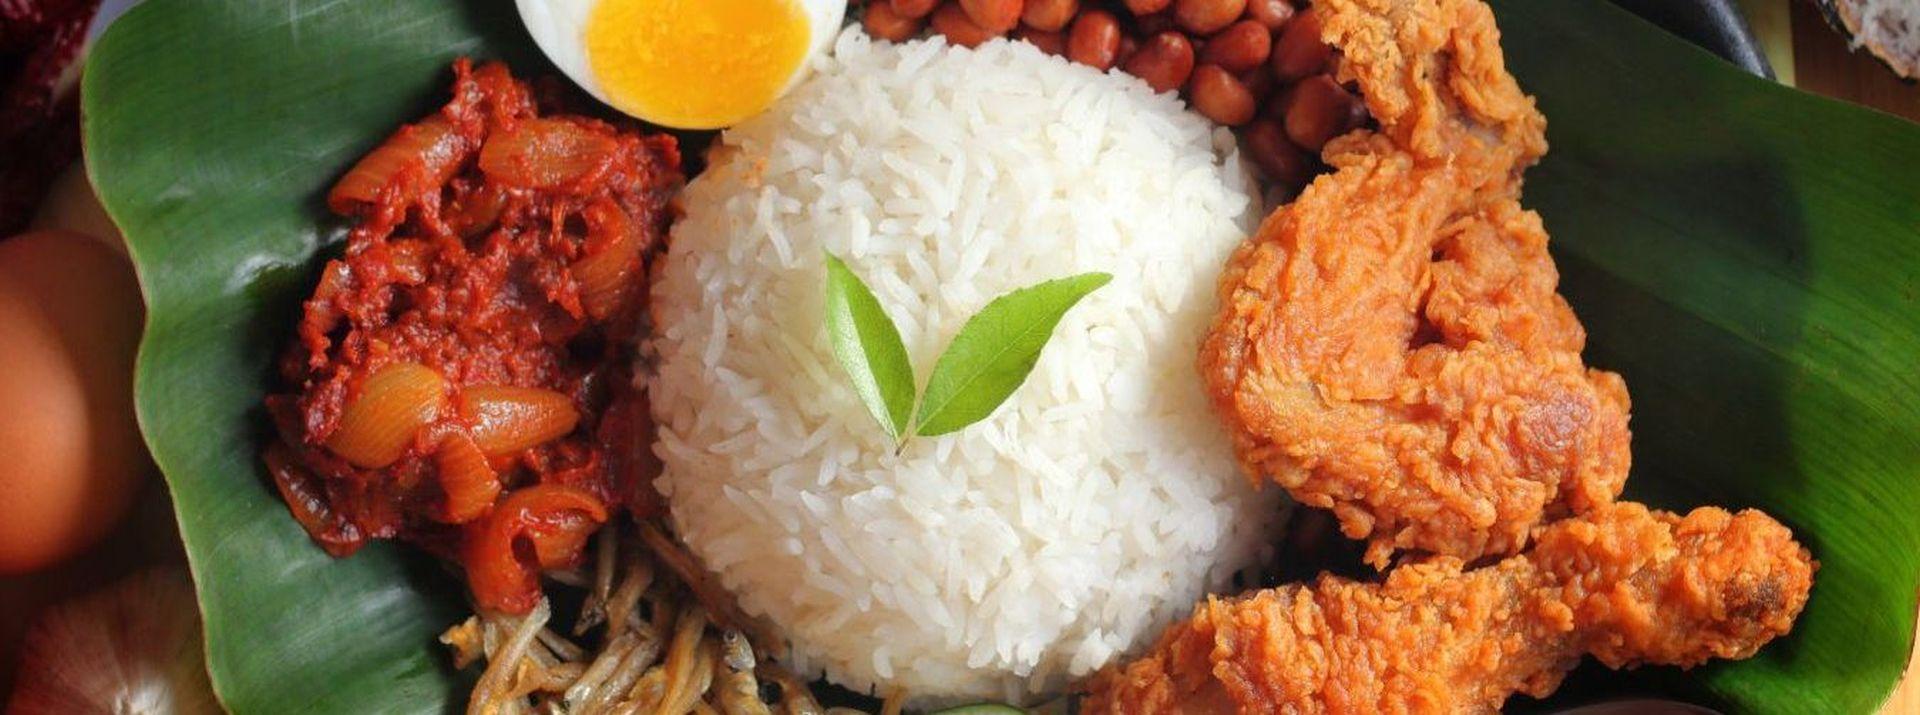 Indonesische Keuken San Wah